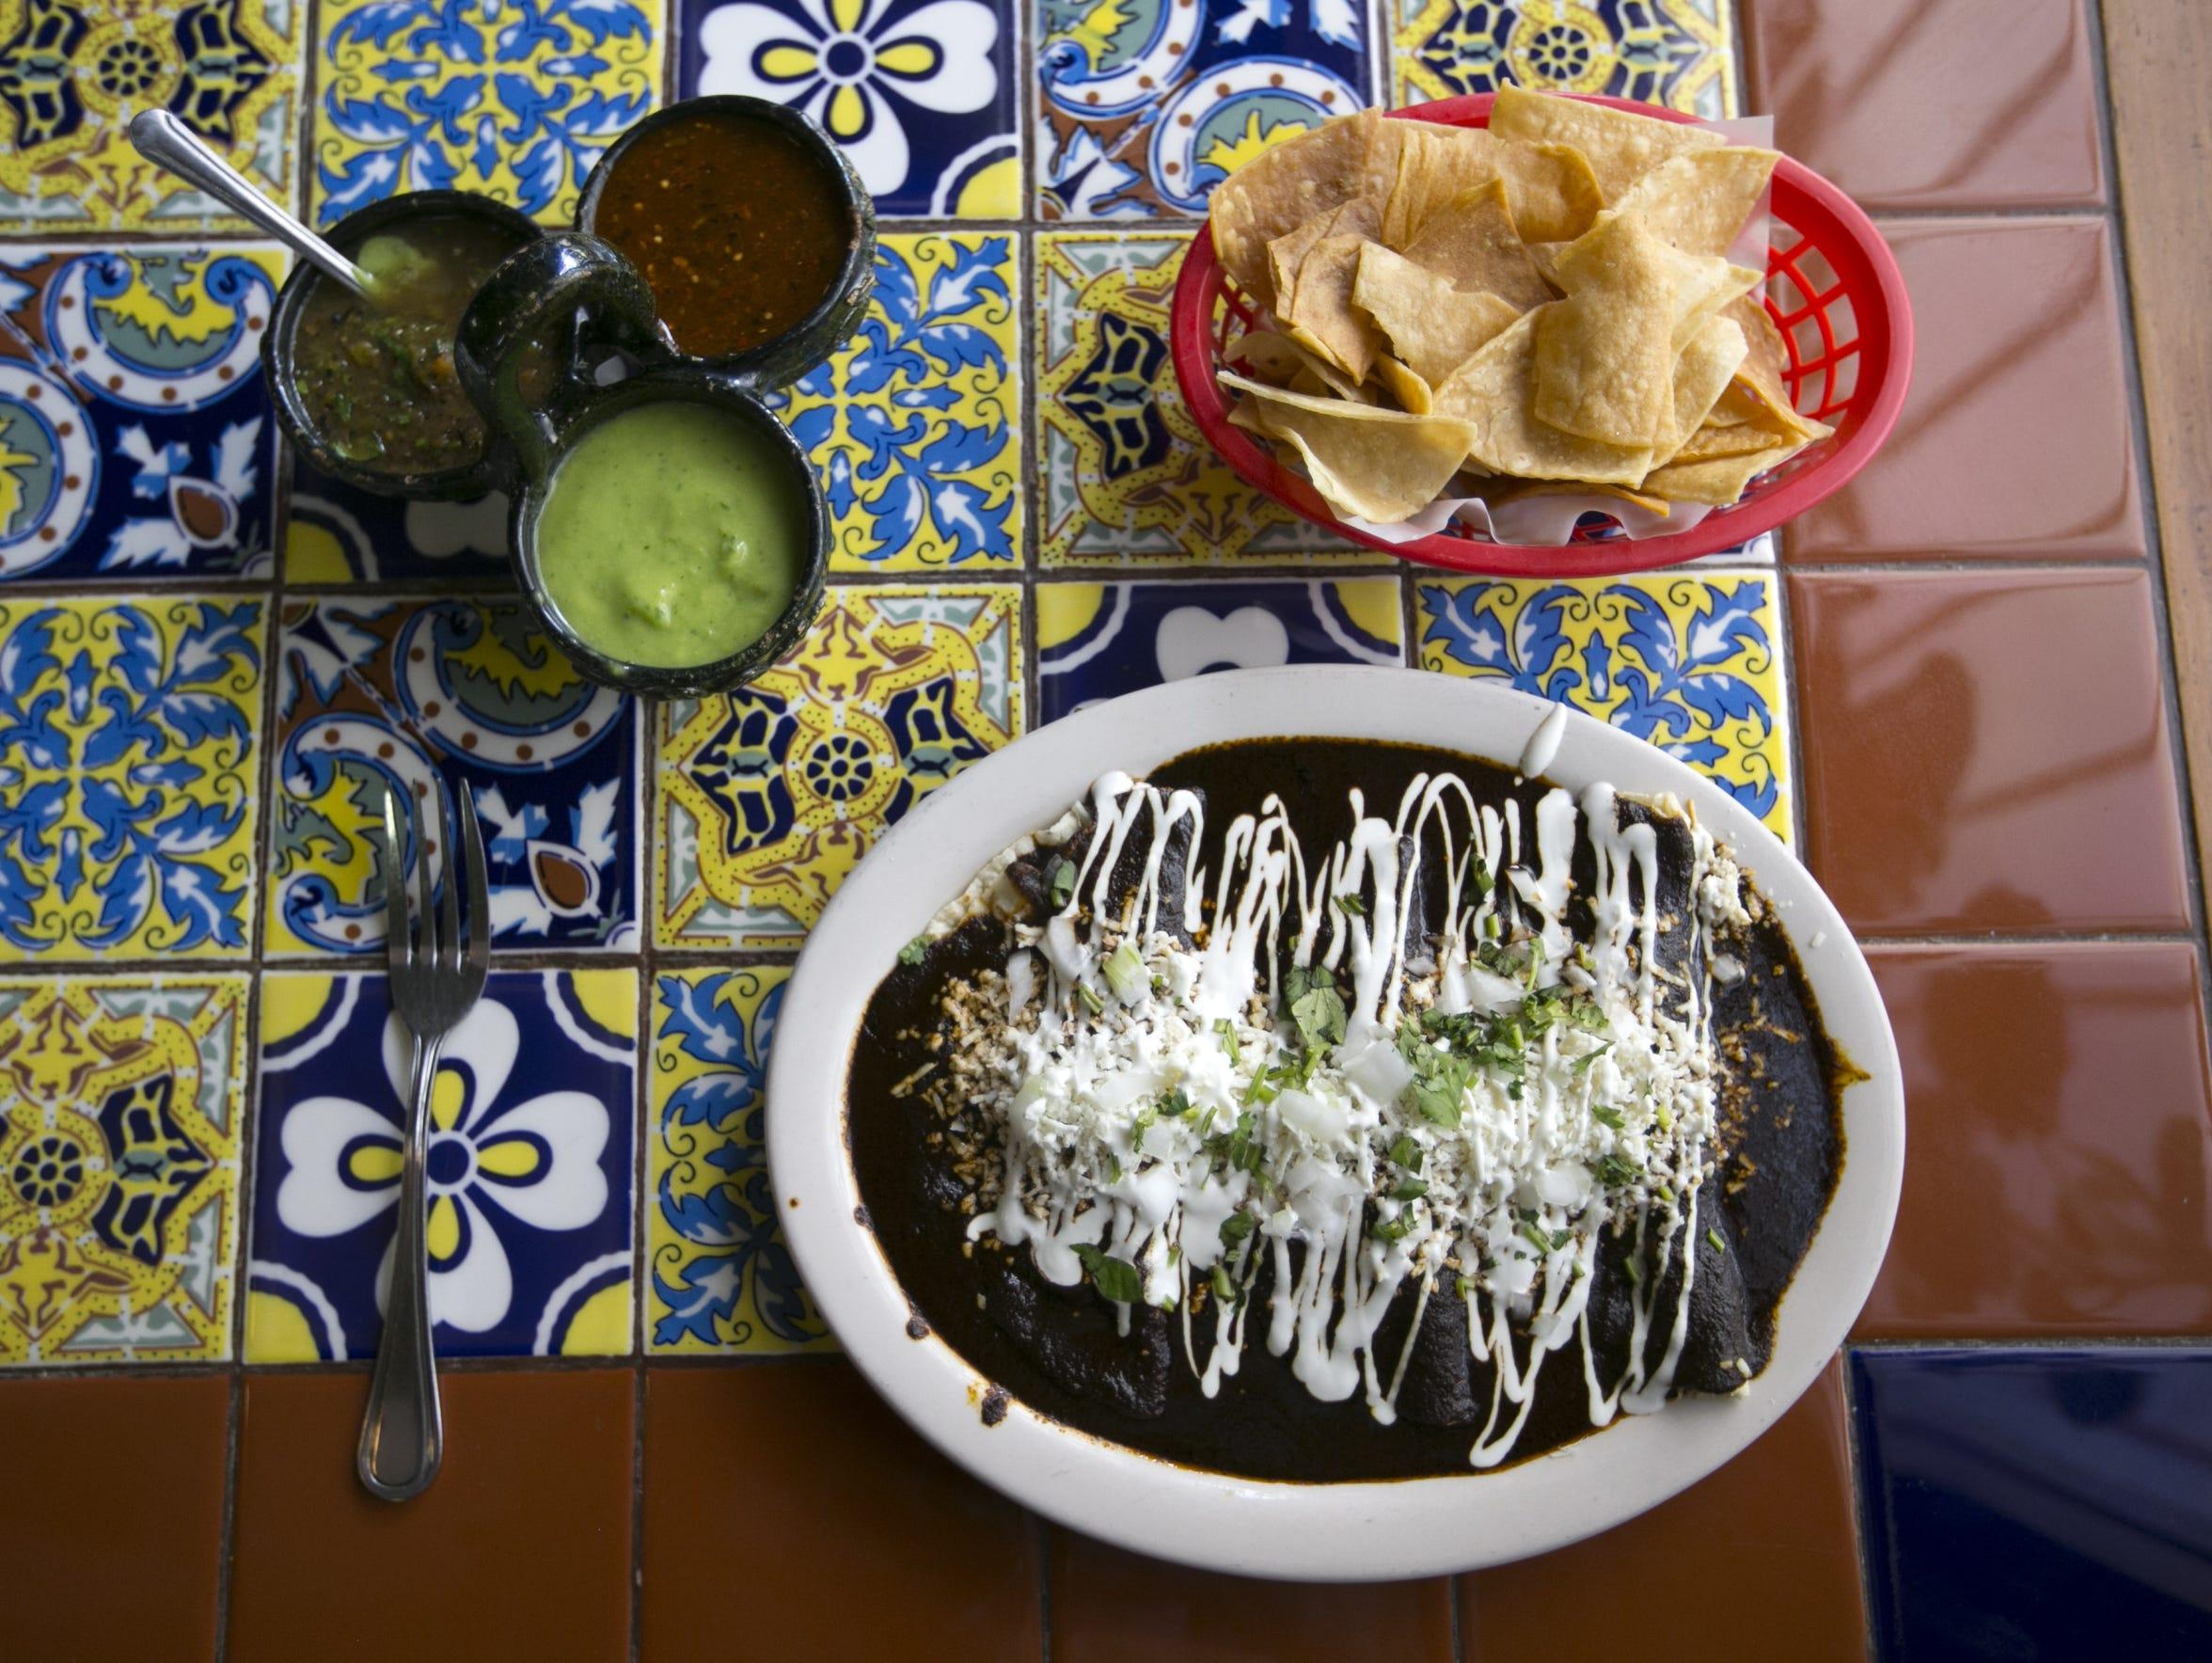 Enmoladas at La 15 y Salsas Mexican Grill in Phoenix